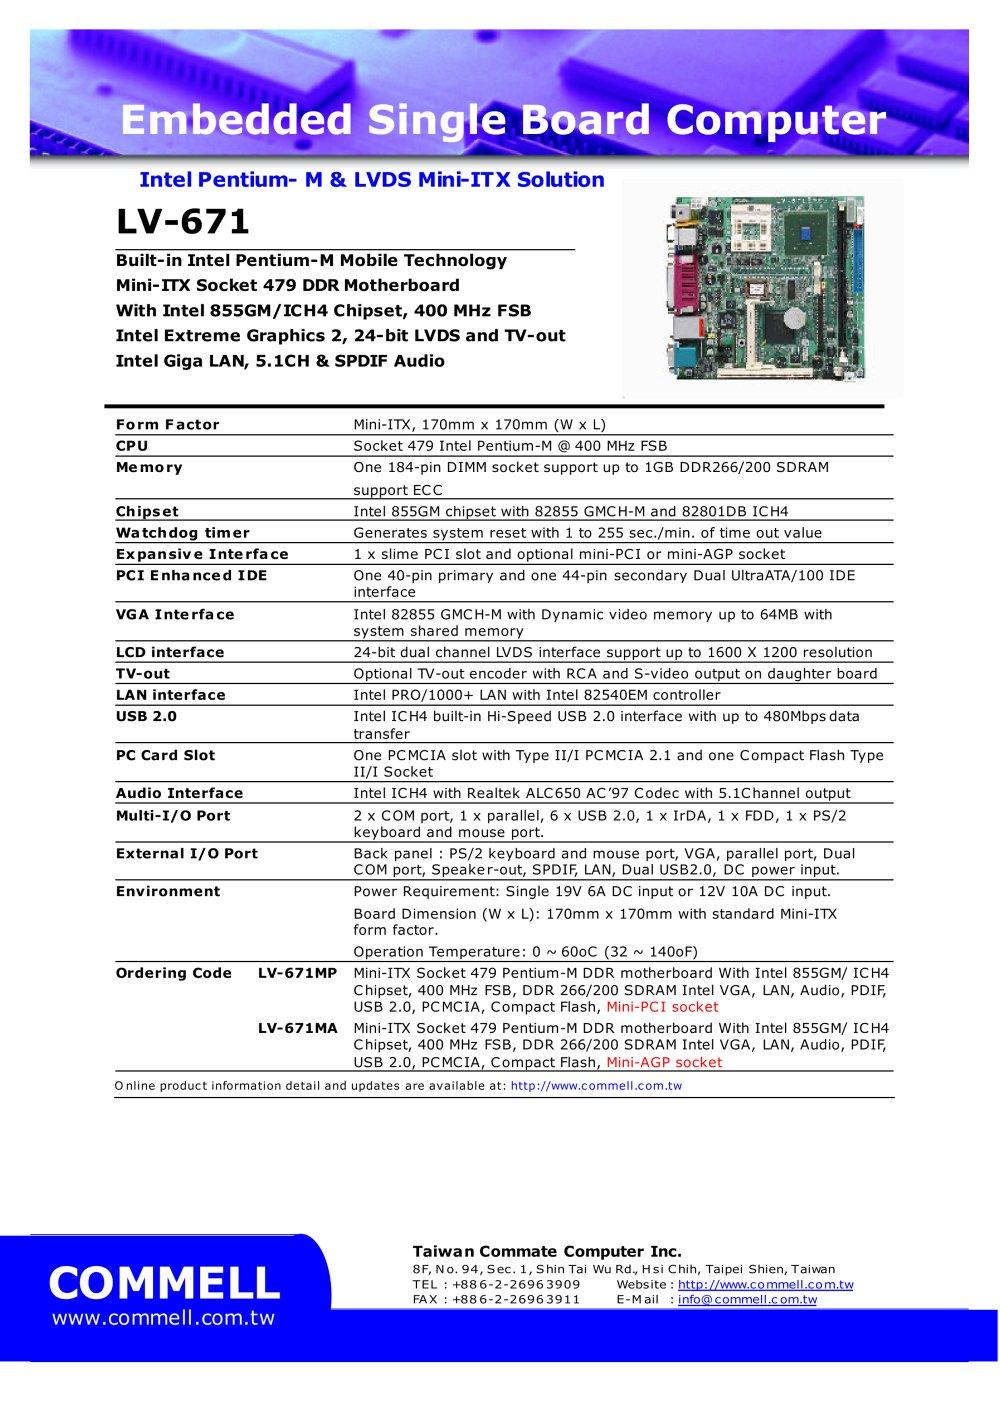 LV-671 - LV-671NSMA, LV-671NSMP Pentium M/Celeron M SBC - 1 / 1 Pages